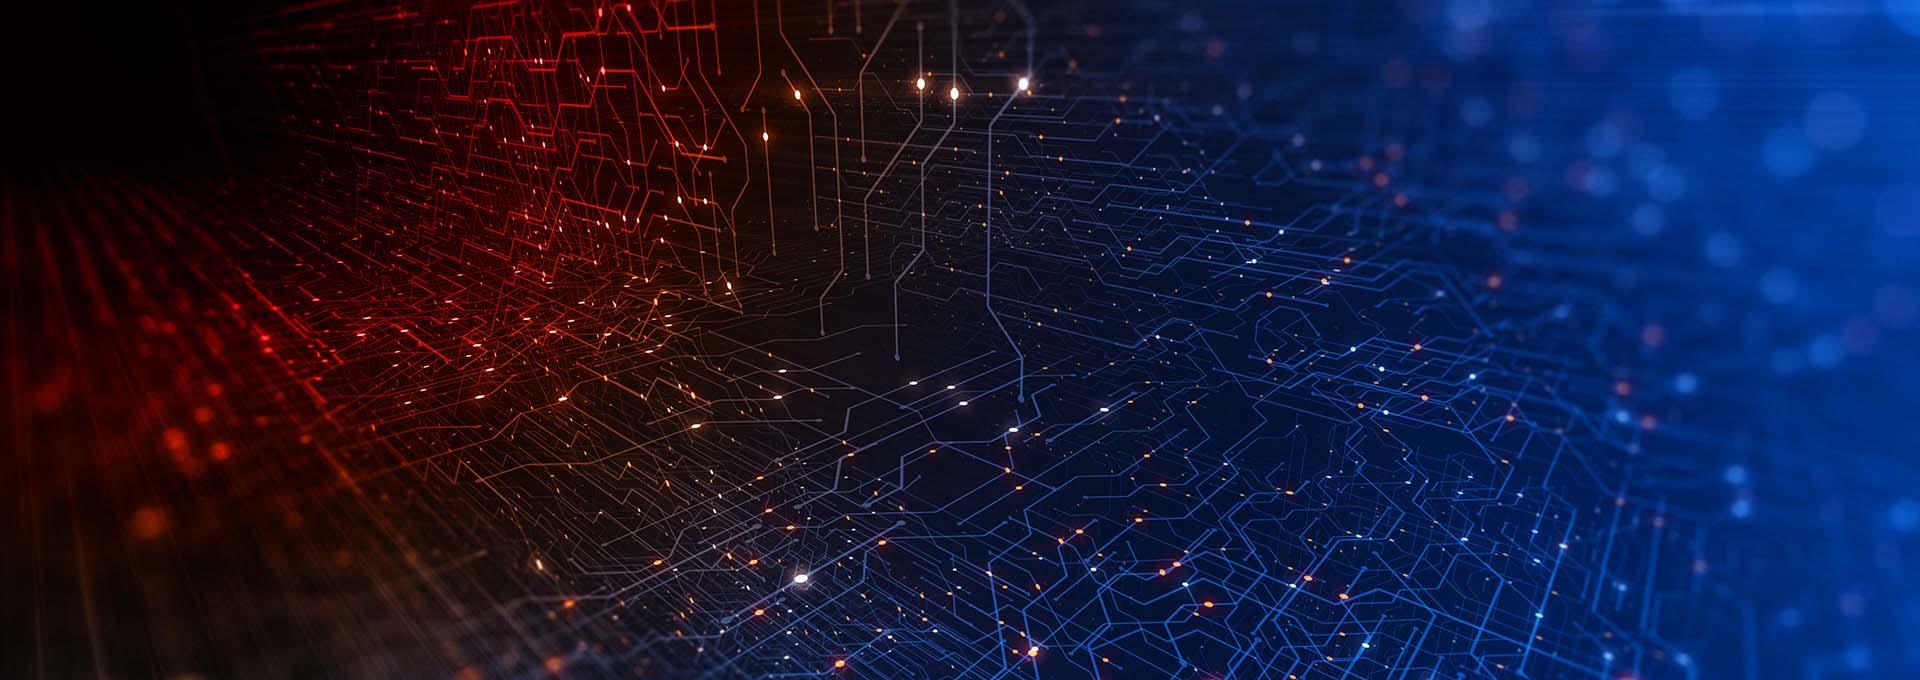 """Sieć połączonych punktów reprezentująca """"cyfrowość"""" oprogramowania Oasisnxt"""